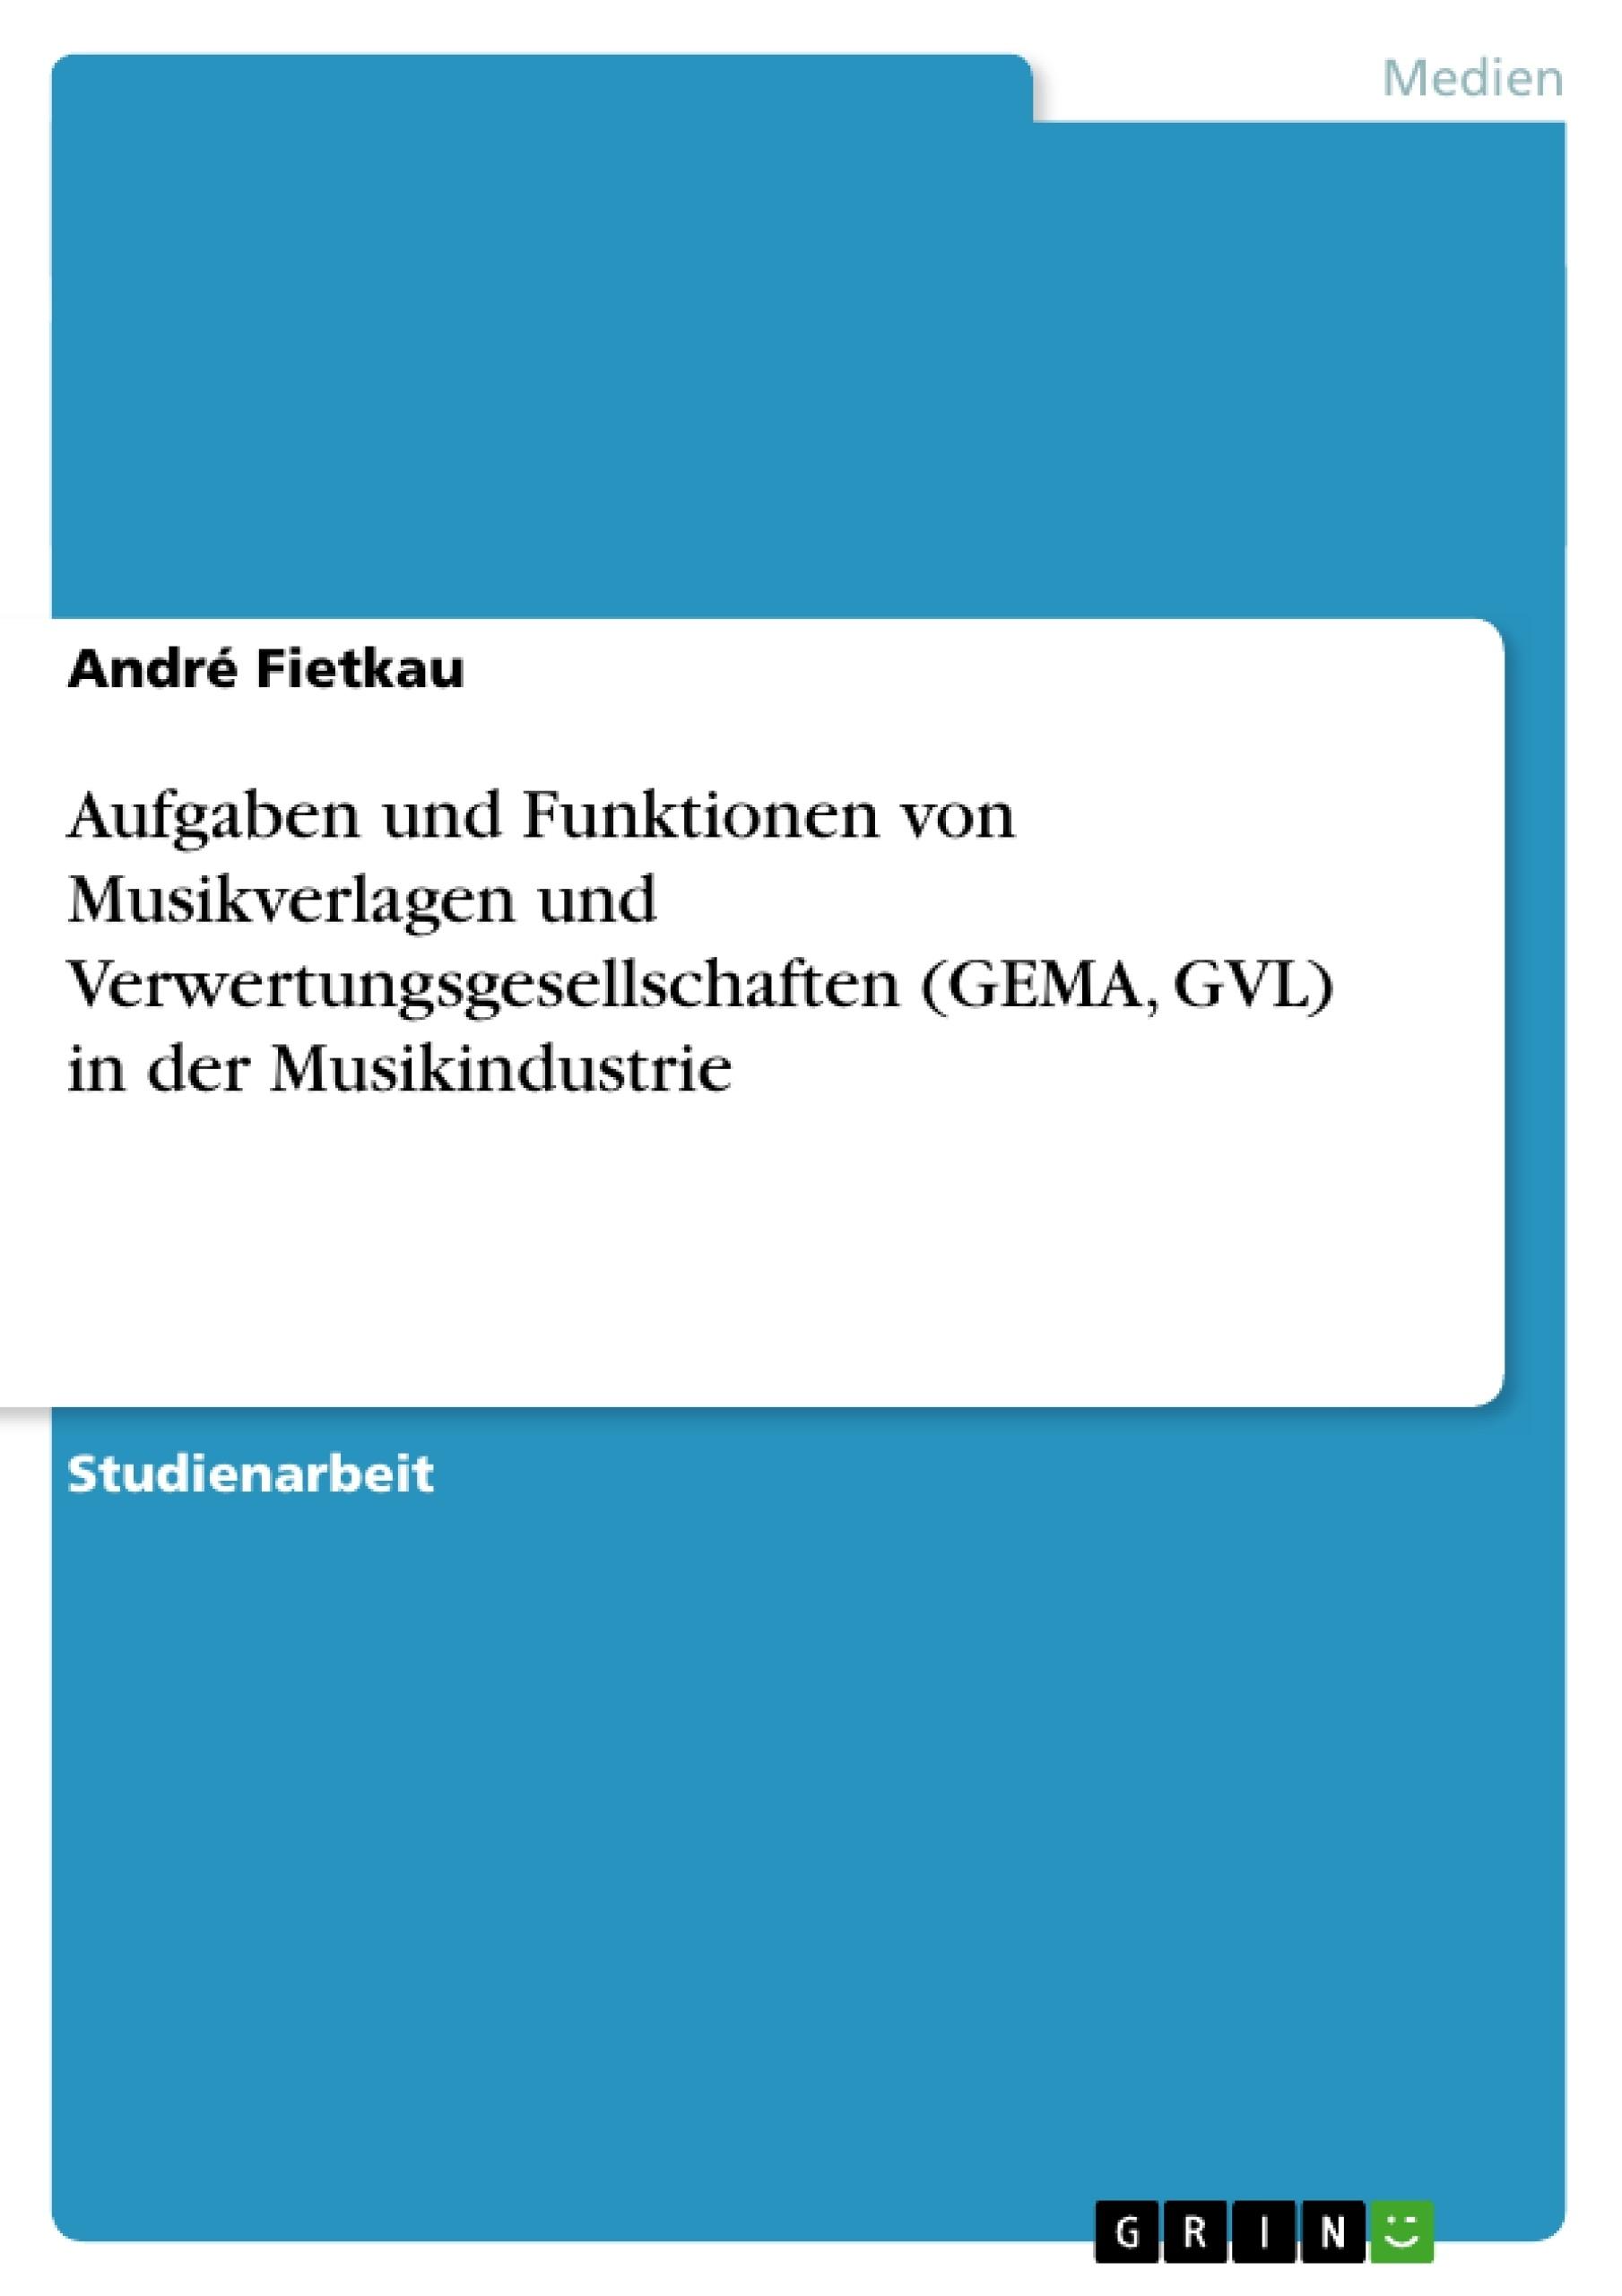 Titel: Aufgaben und Funktionen von Musikverlagen und Verwertungsgesellschaften (GEMA, GVL) in der Musikindustrie